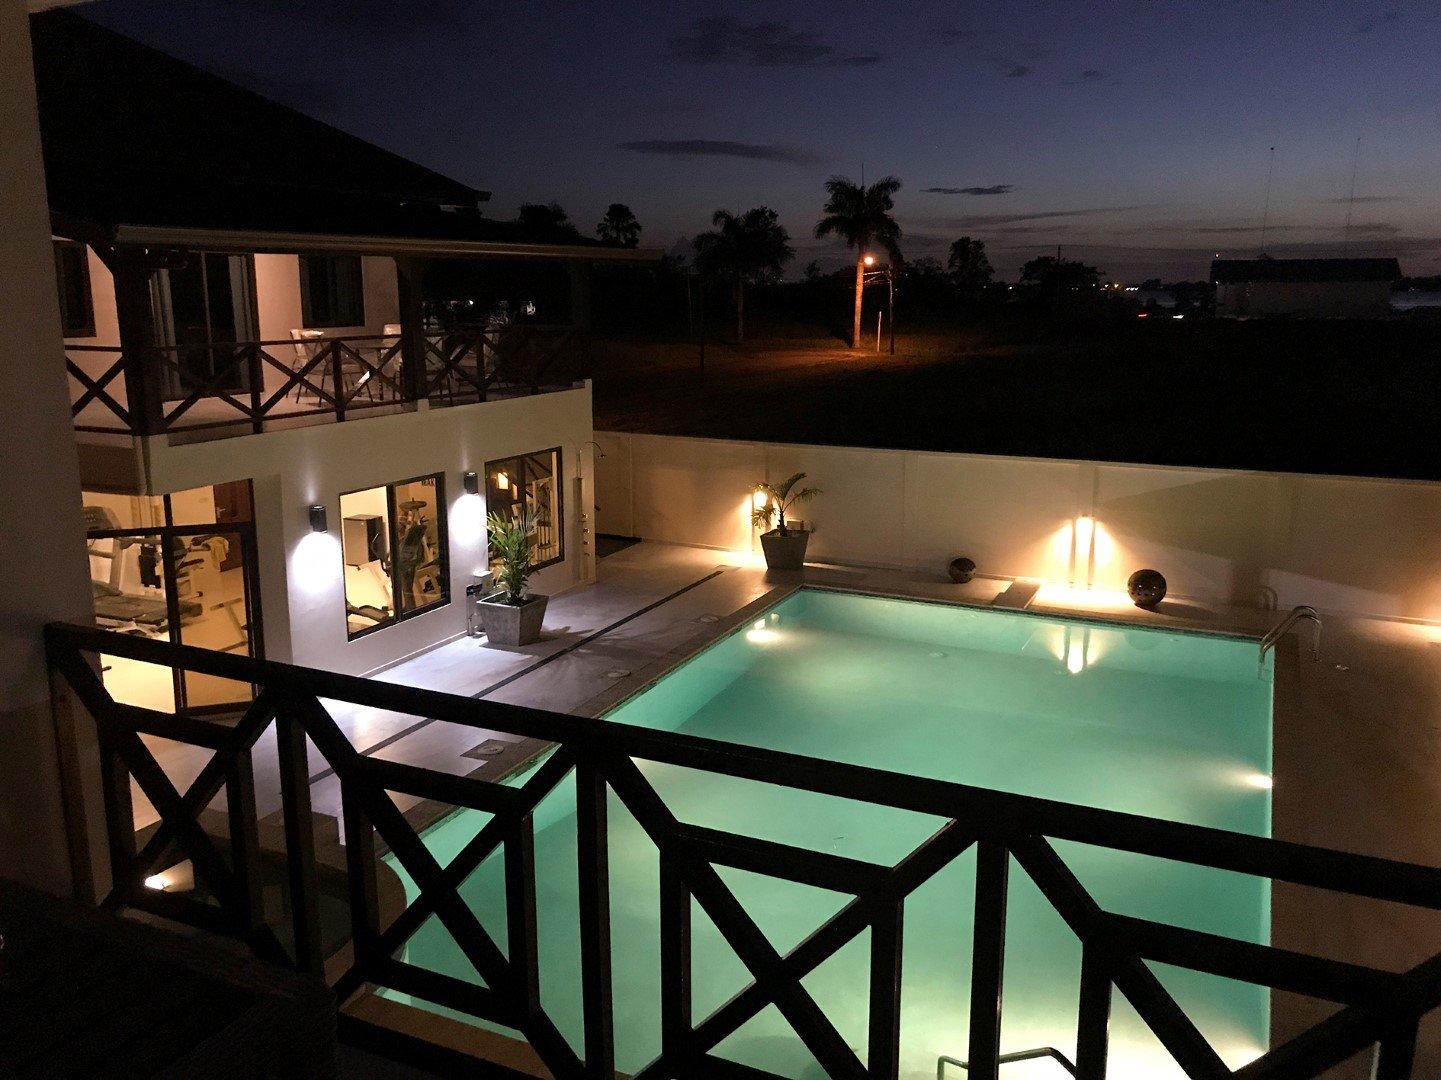 Palm Village pc 8 - Luxe villa complex met zwembad en appartementen - Surgoed Makelaardij NV - Paramaribo, Suriname